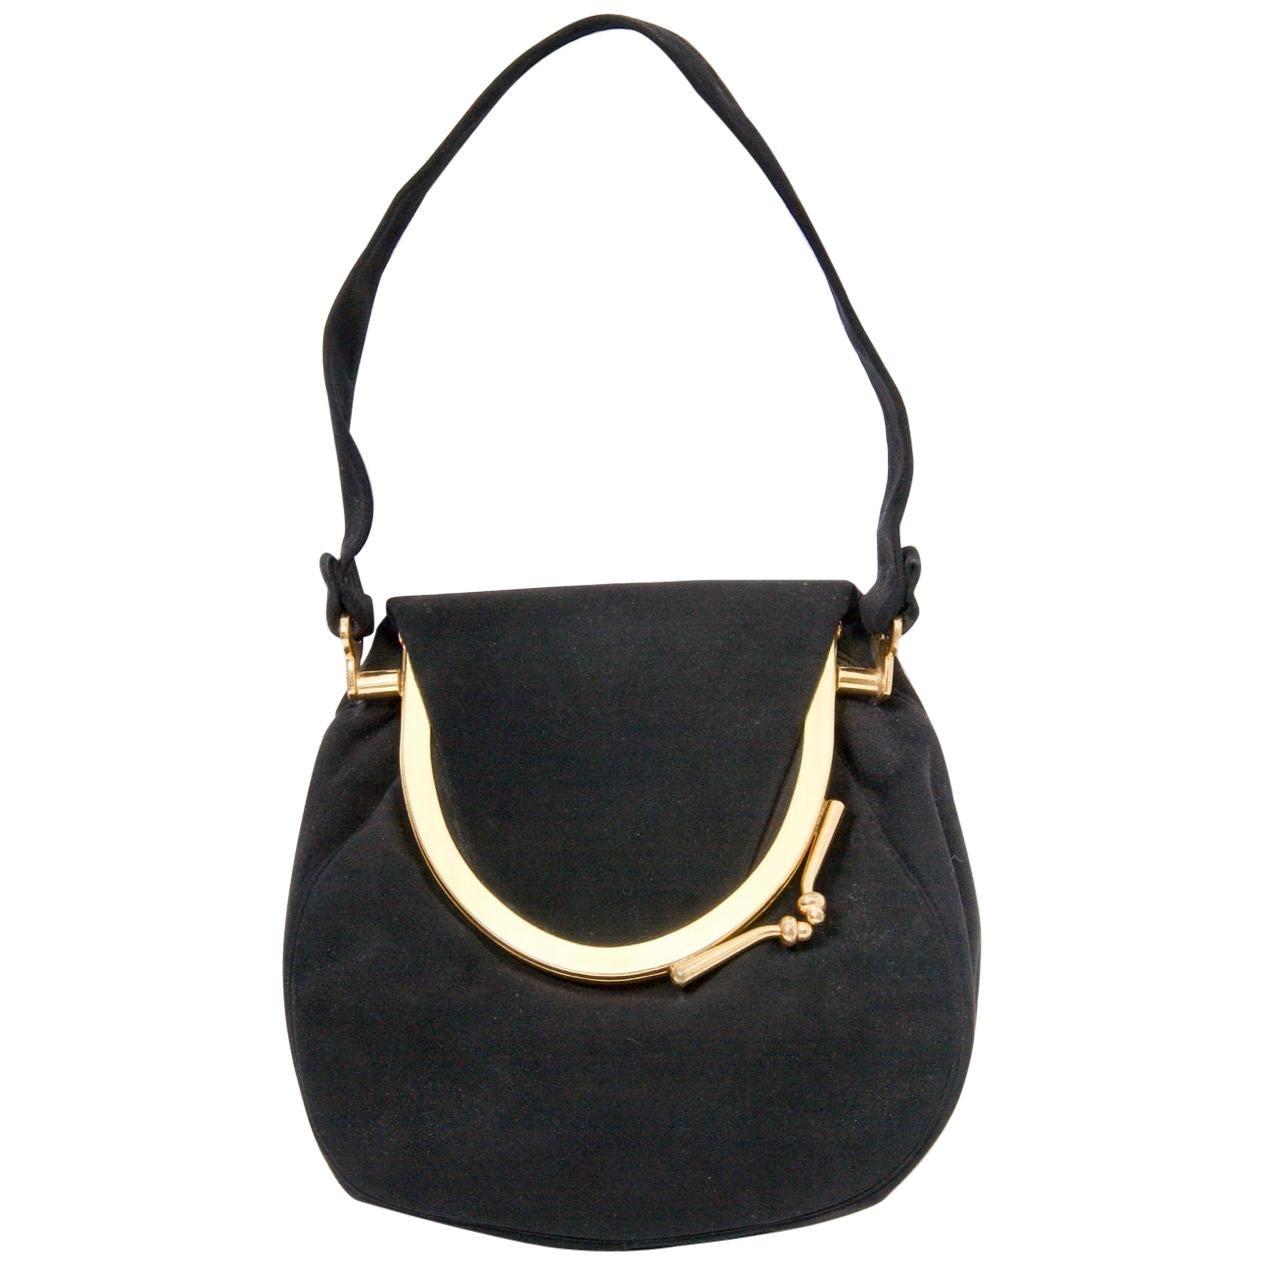 Coblentz Black Suede Bag, c.1960